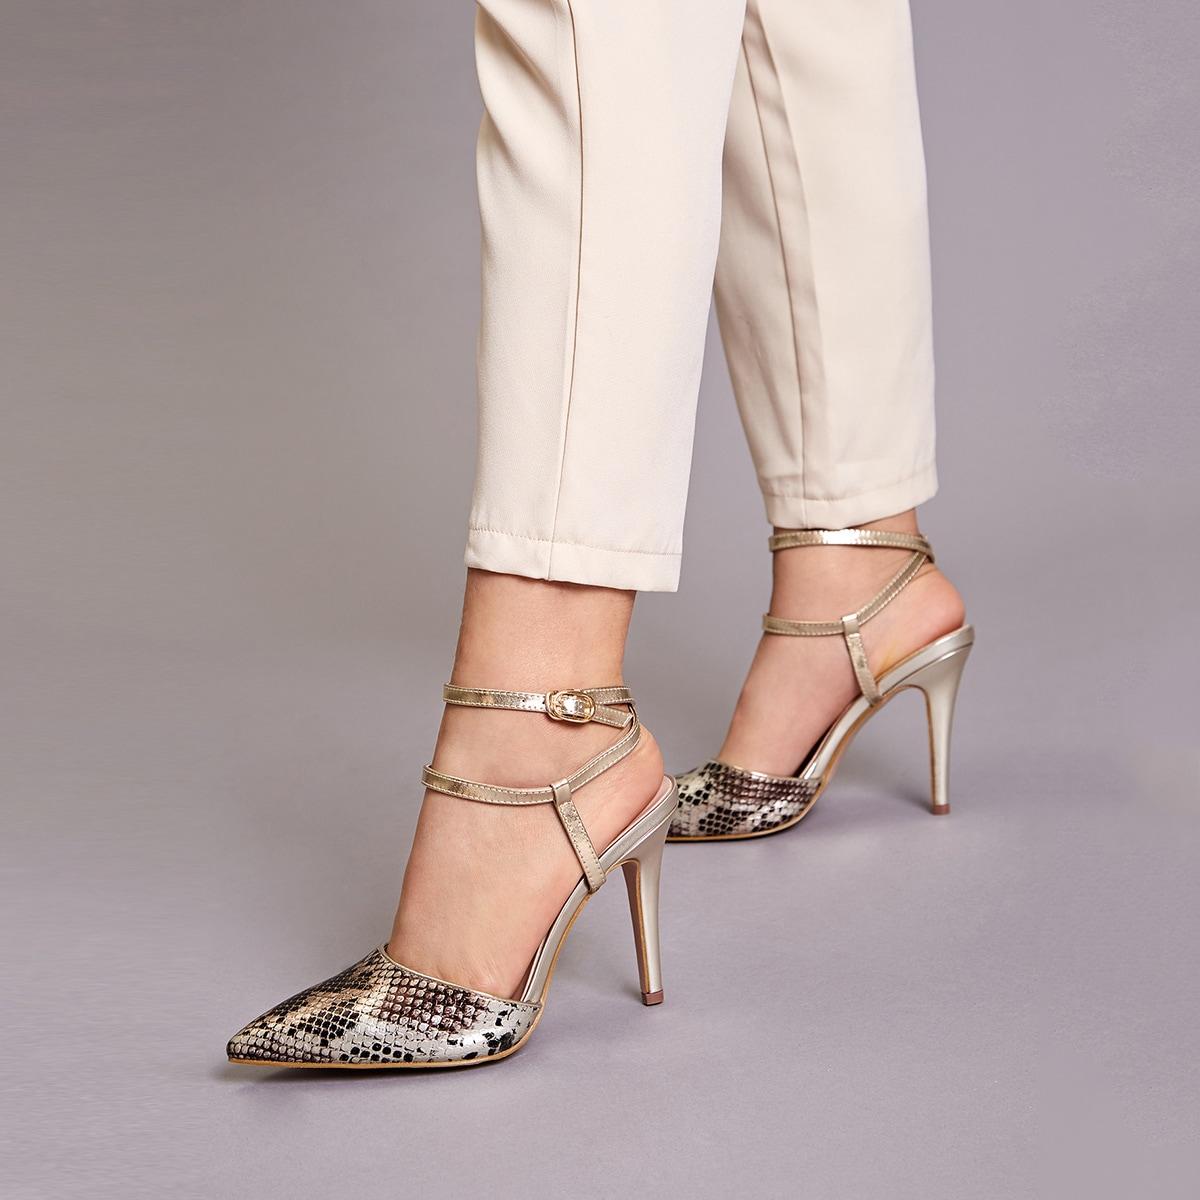 Остроконечные змеиные туфли на шпильках с ремешком от SHEIN